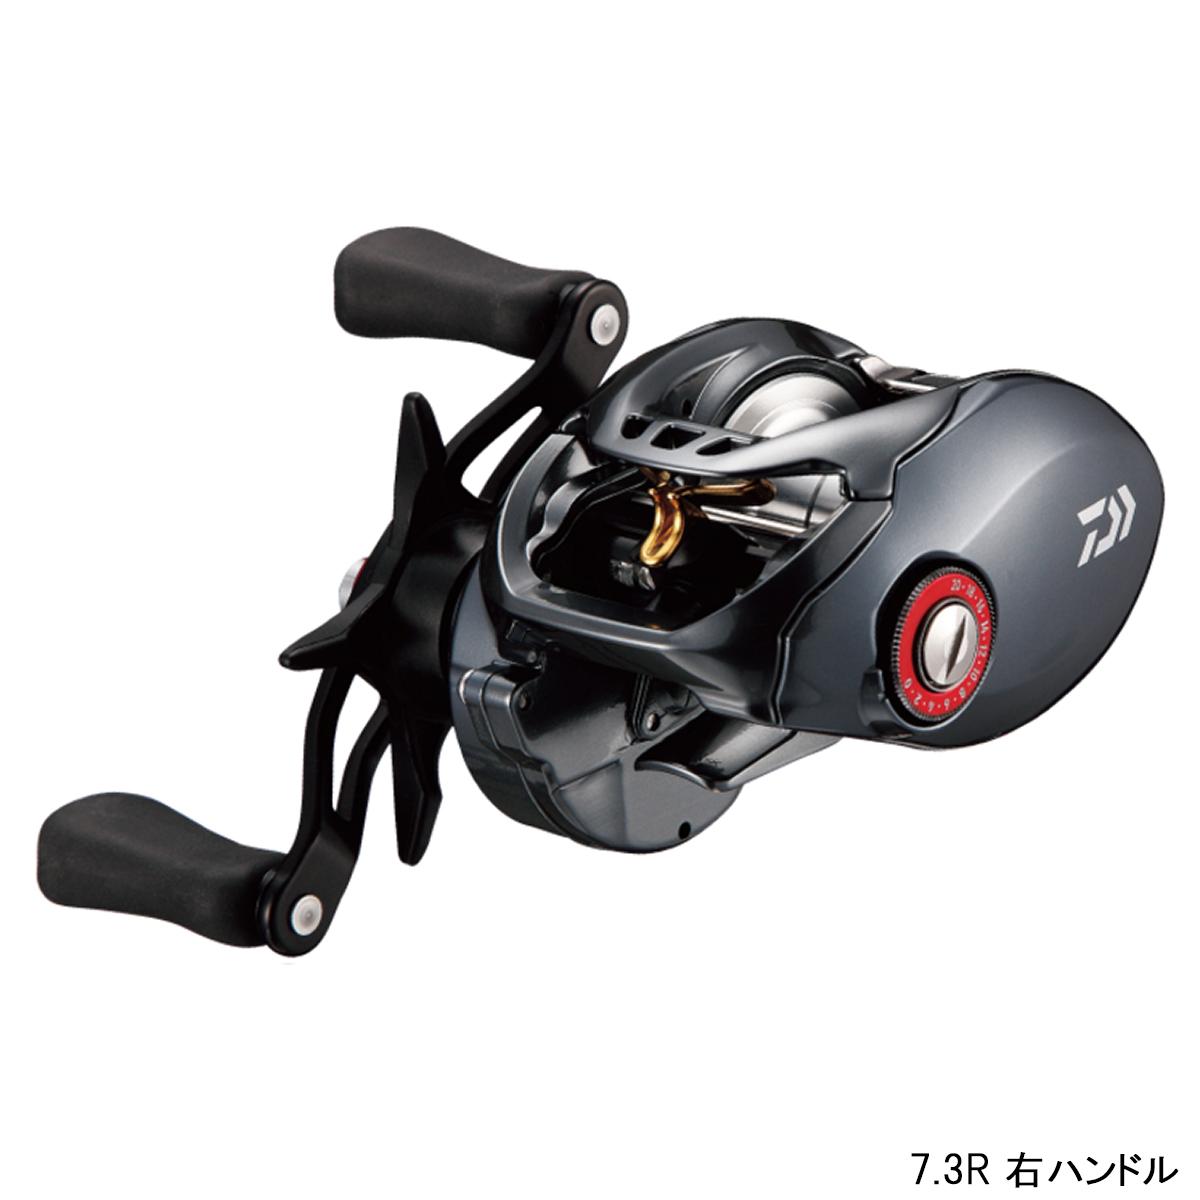 ダイワ タトゥーラ SV TW 7.3R 右ハンドル(東日本店)